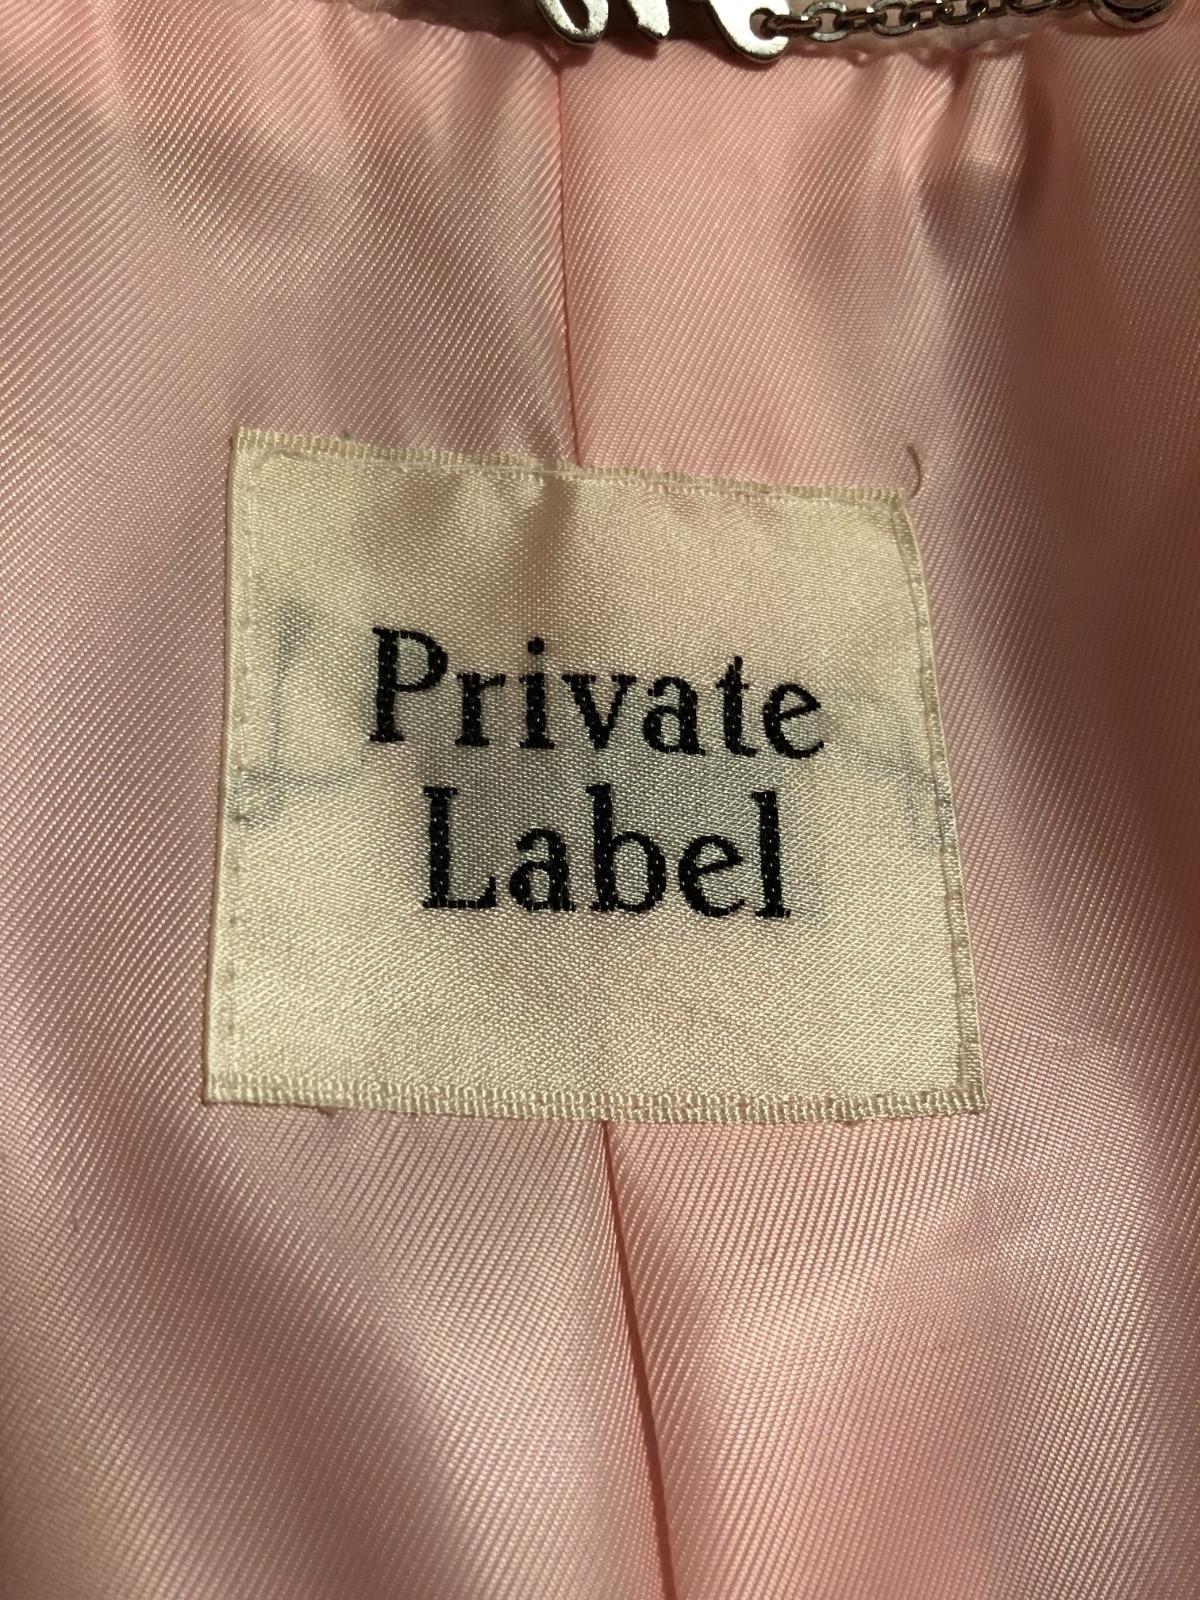 Private Label(プライベートレーベル)のコート